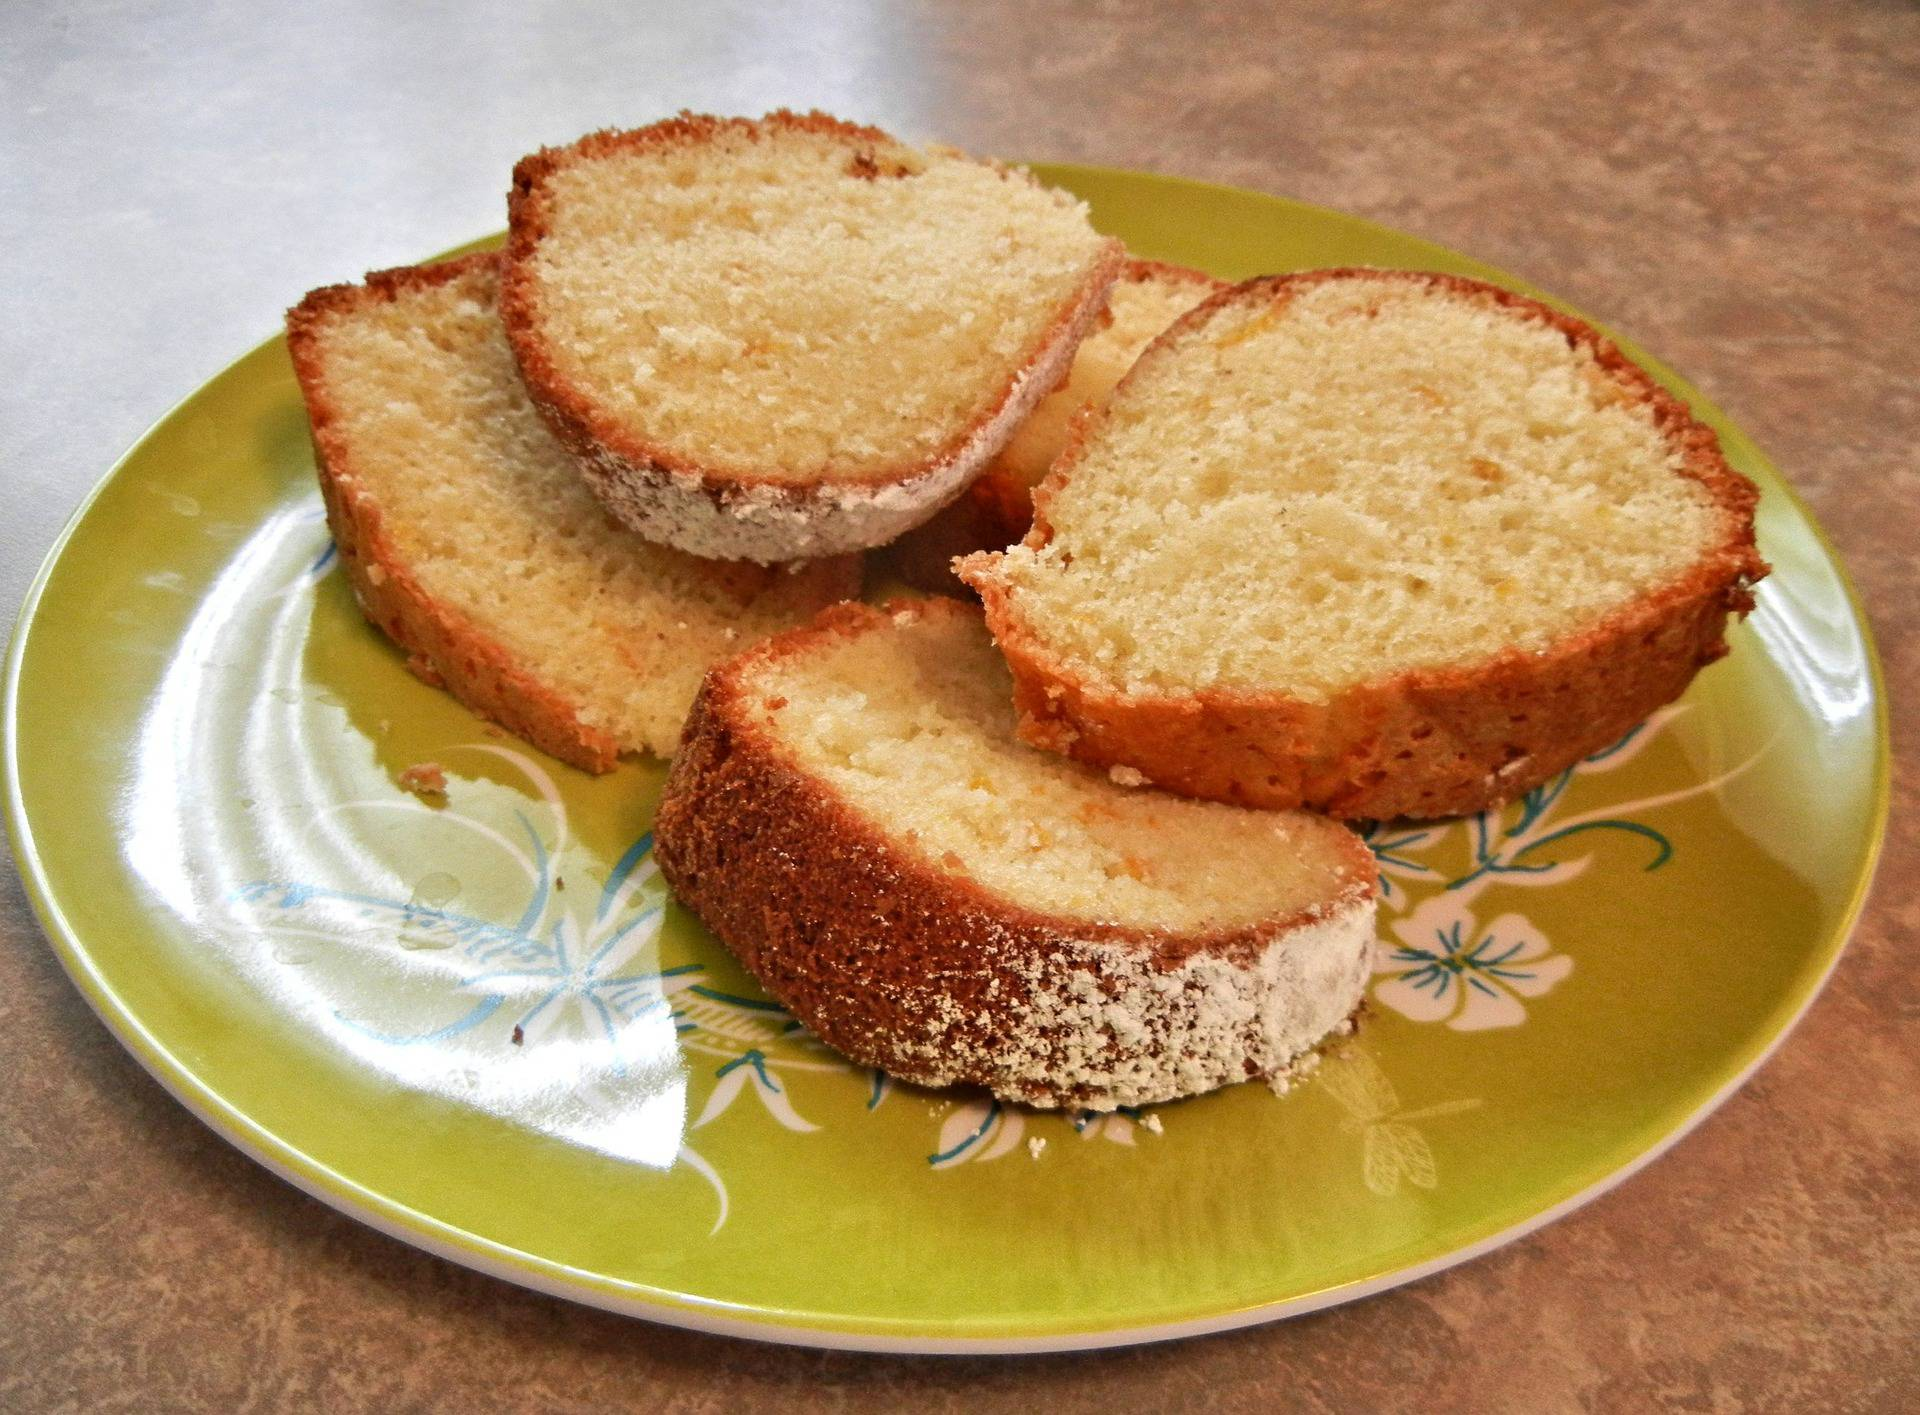 sponge-cake-599745_1920.jpg